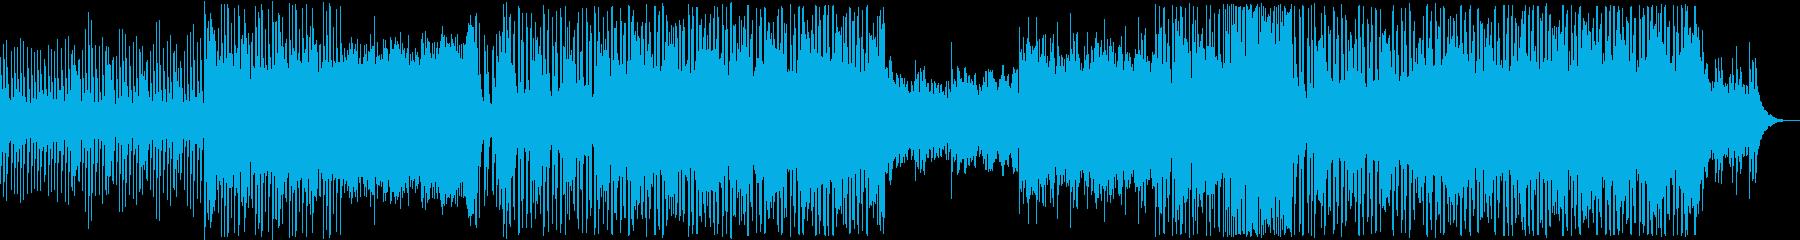 マリンバ×エレクトロの可愛らしいサウンドの再生済みの波形